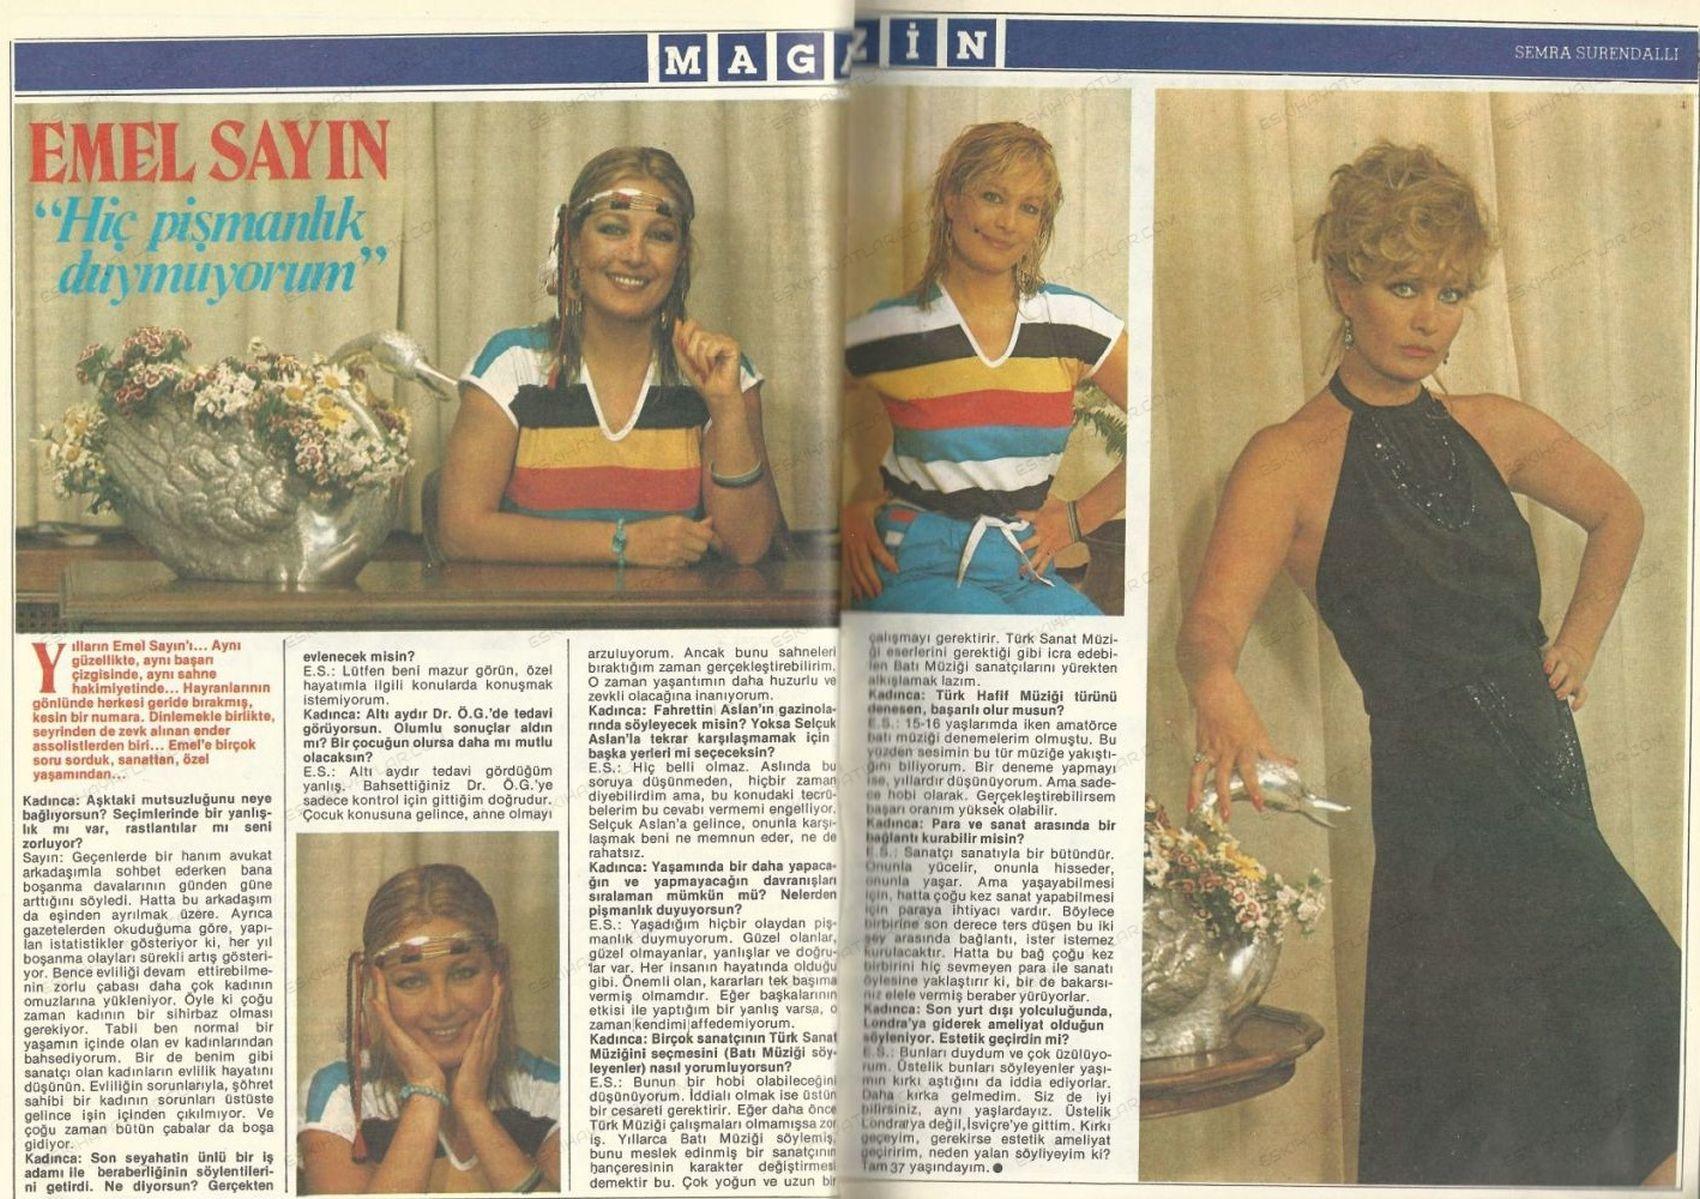 0142-emel-sayin-seksenler-gazino-sevdalilar-albumu-1982-kadinca-dergisi (5)